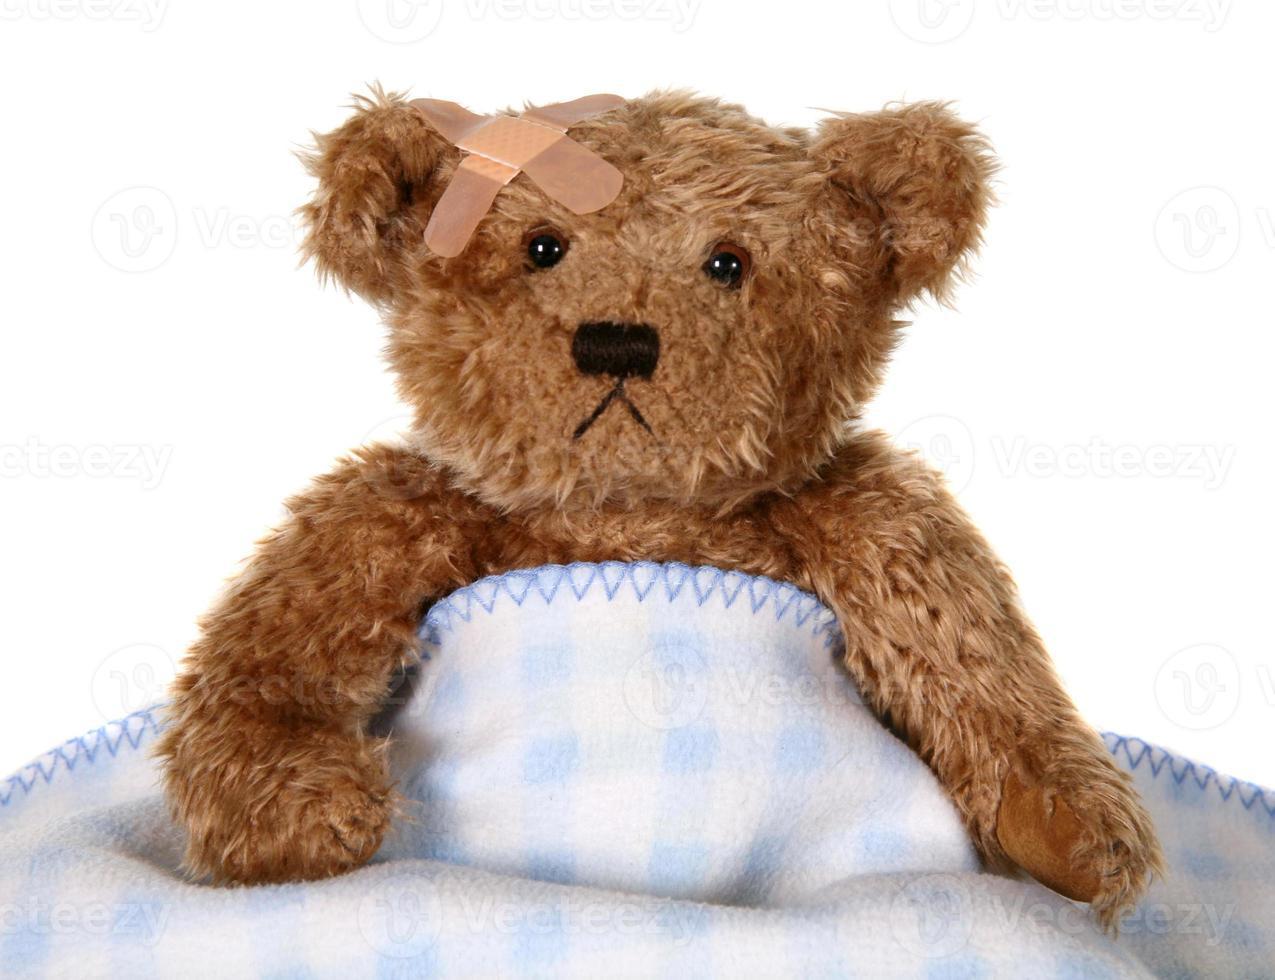 bruine teddybeer ziet er verdrietig uit foto